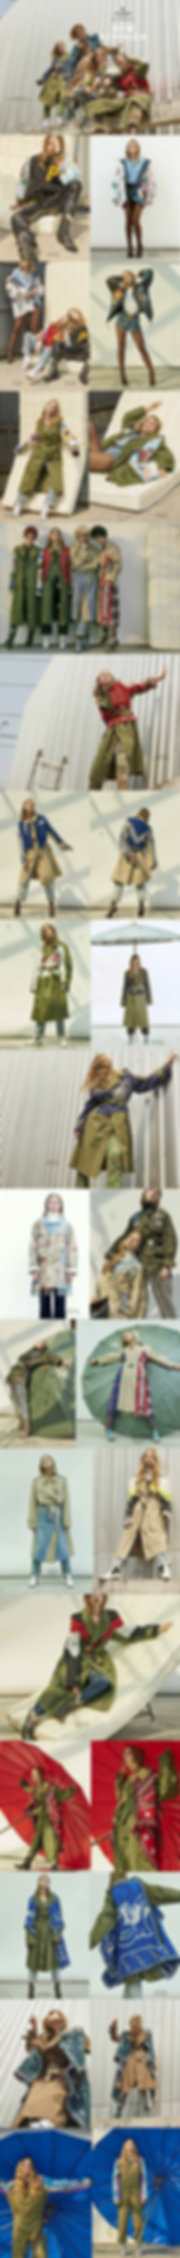 FW19 Outerwear Lookbook.jpg